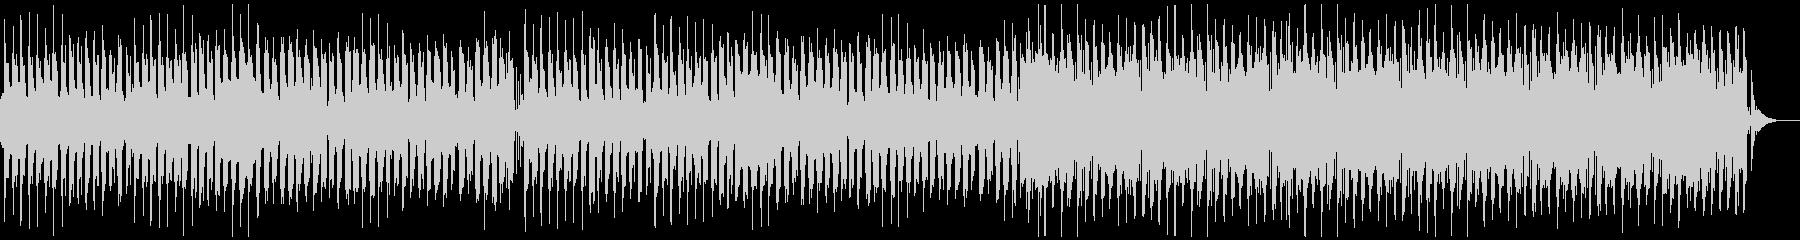 レトロゲーム風のかわいいBGMの未再生の波形